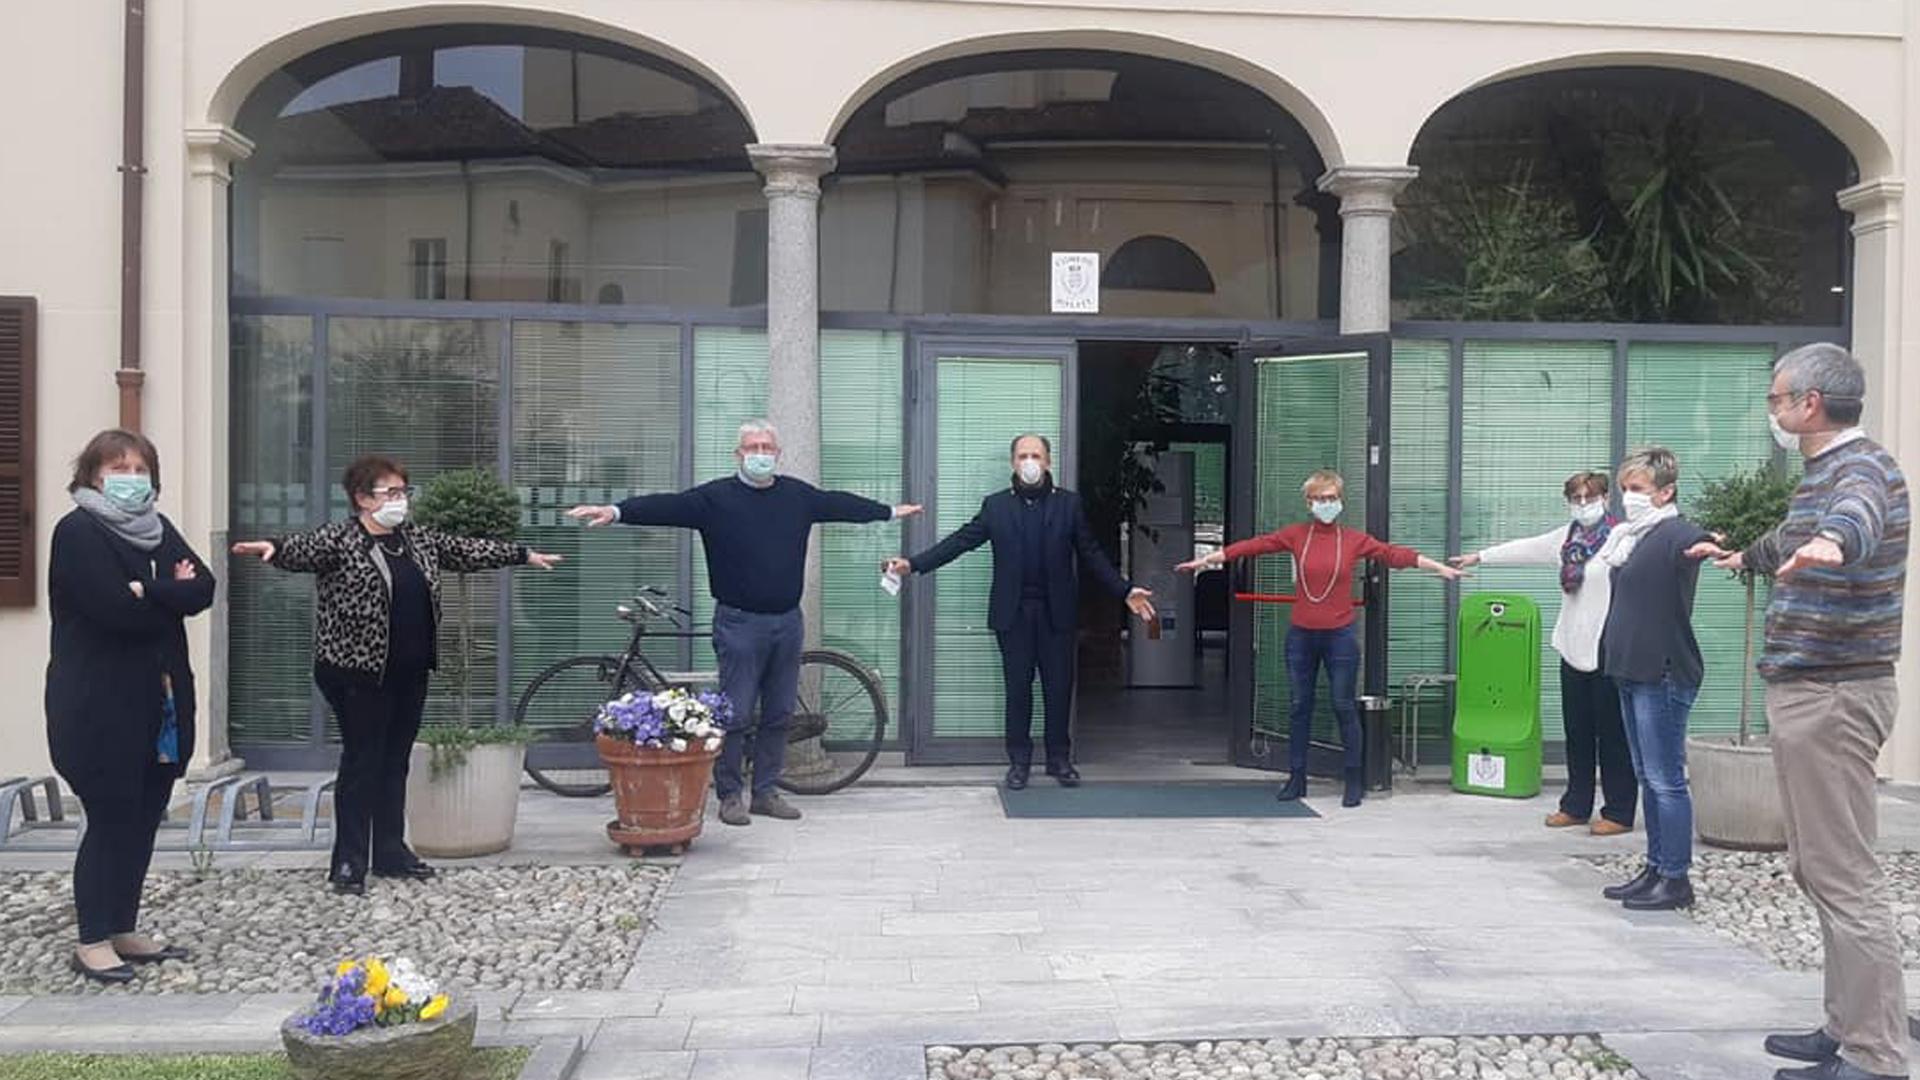 Italia in isolamento: la situazione a Rosate